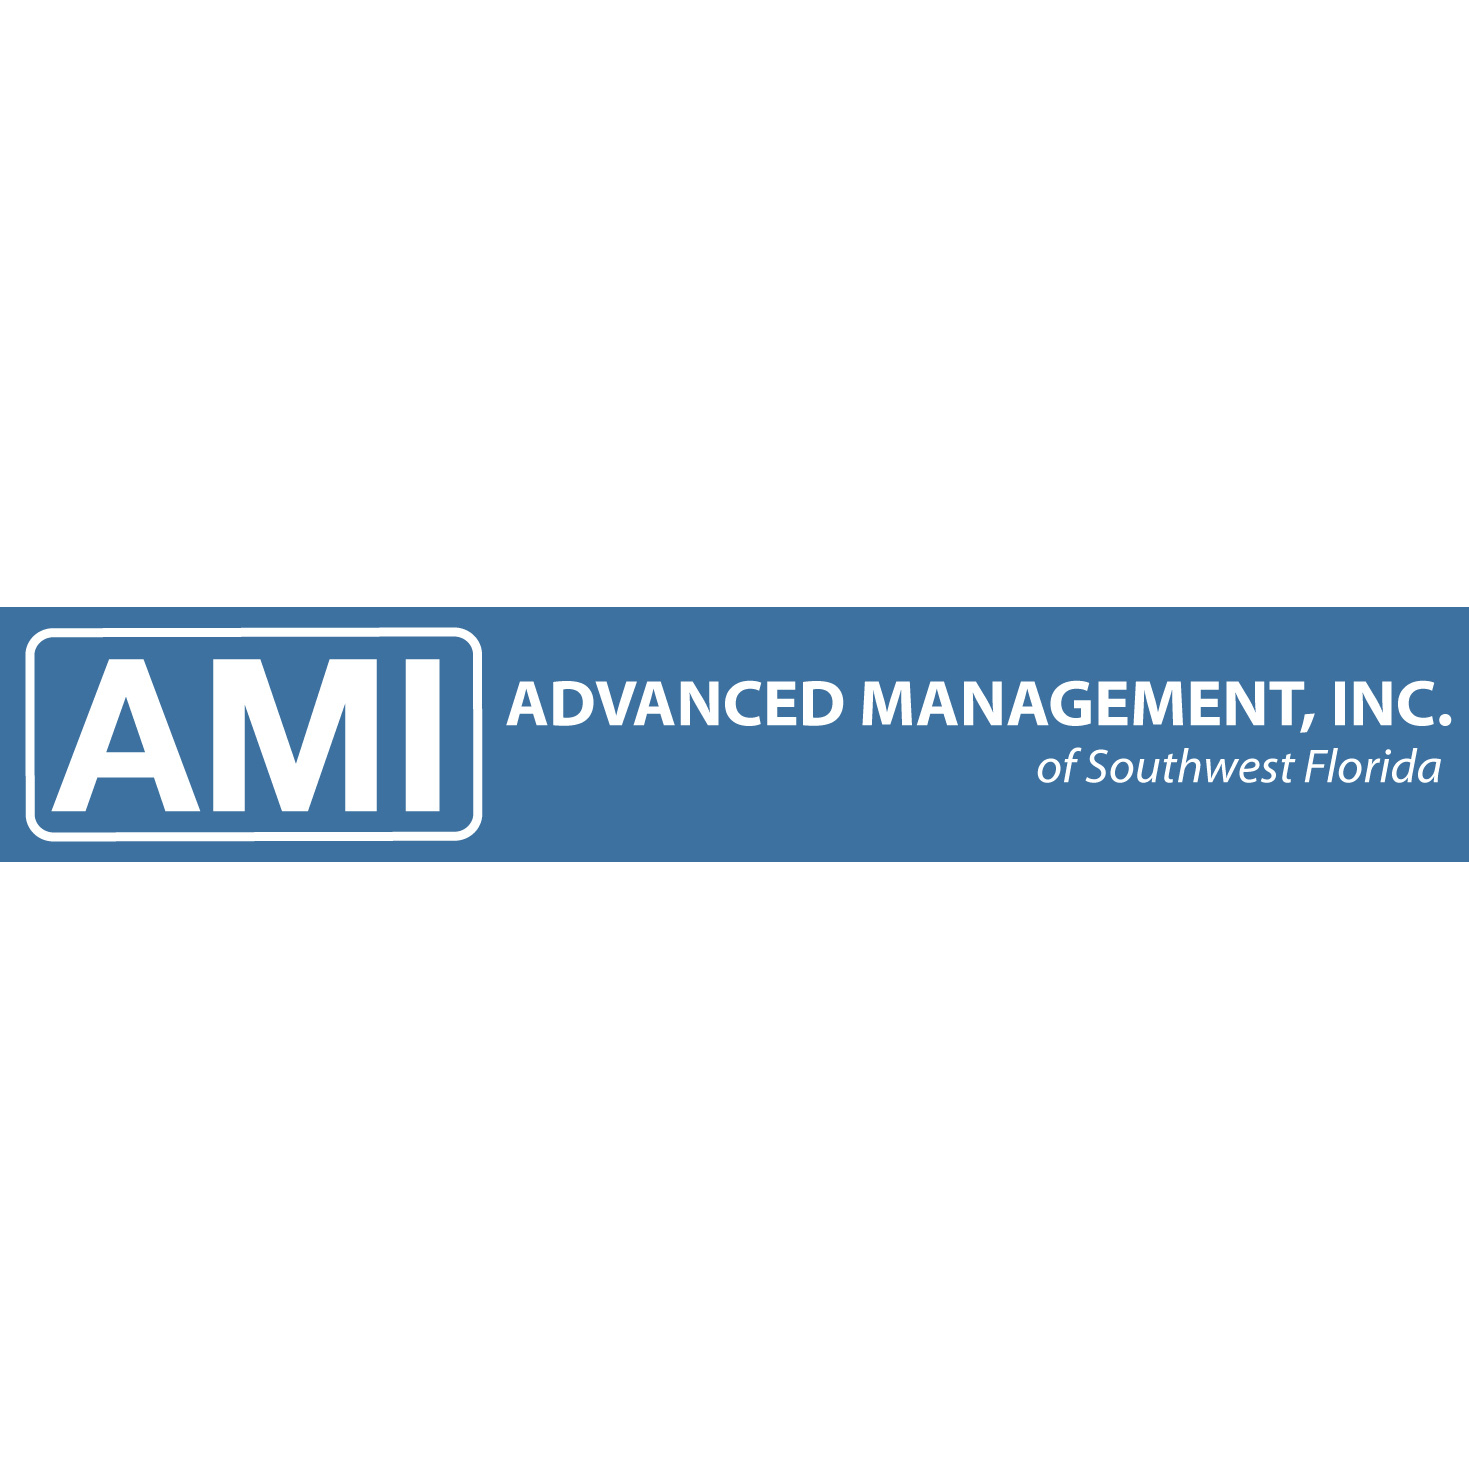 Advanced Management, Inc of Southwest Florida